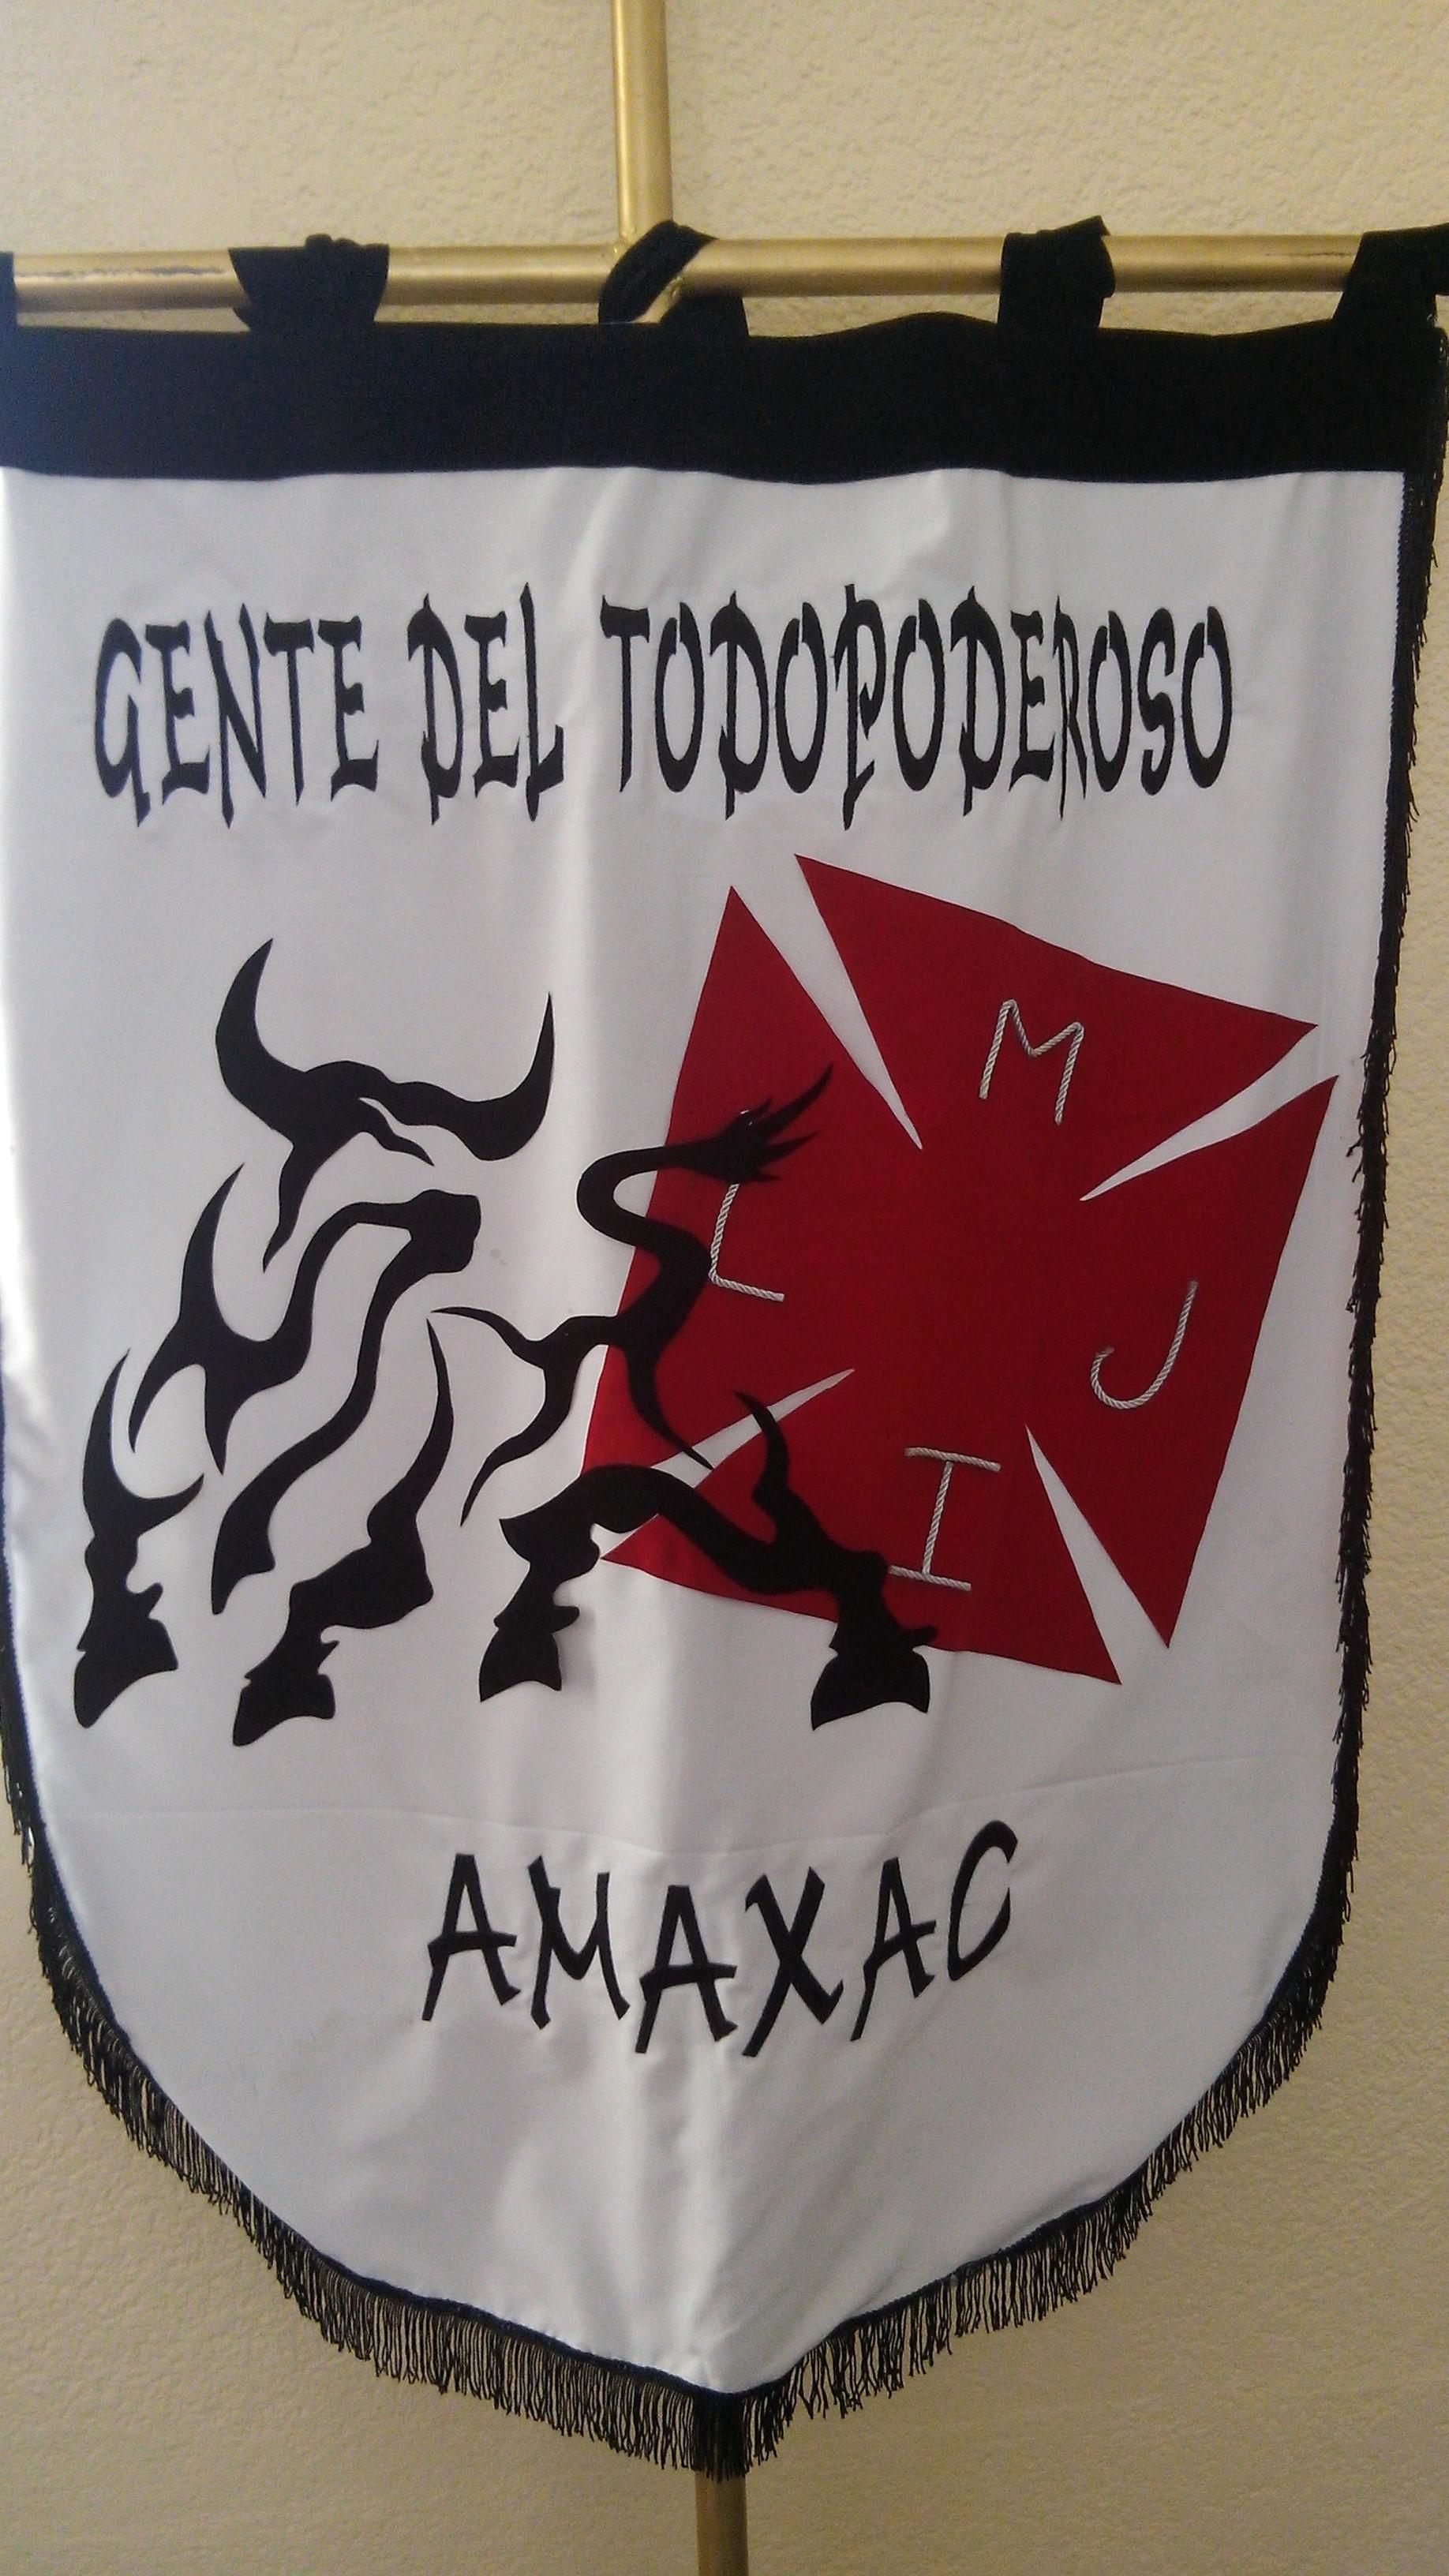 LMJI Amaxac